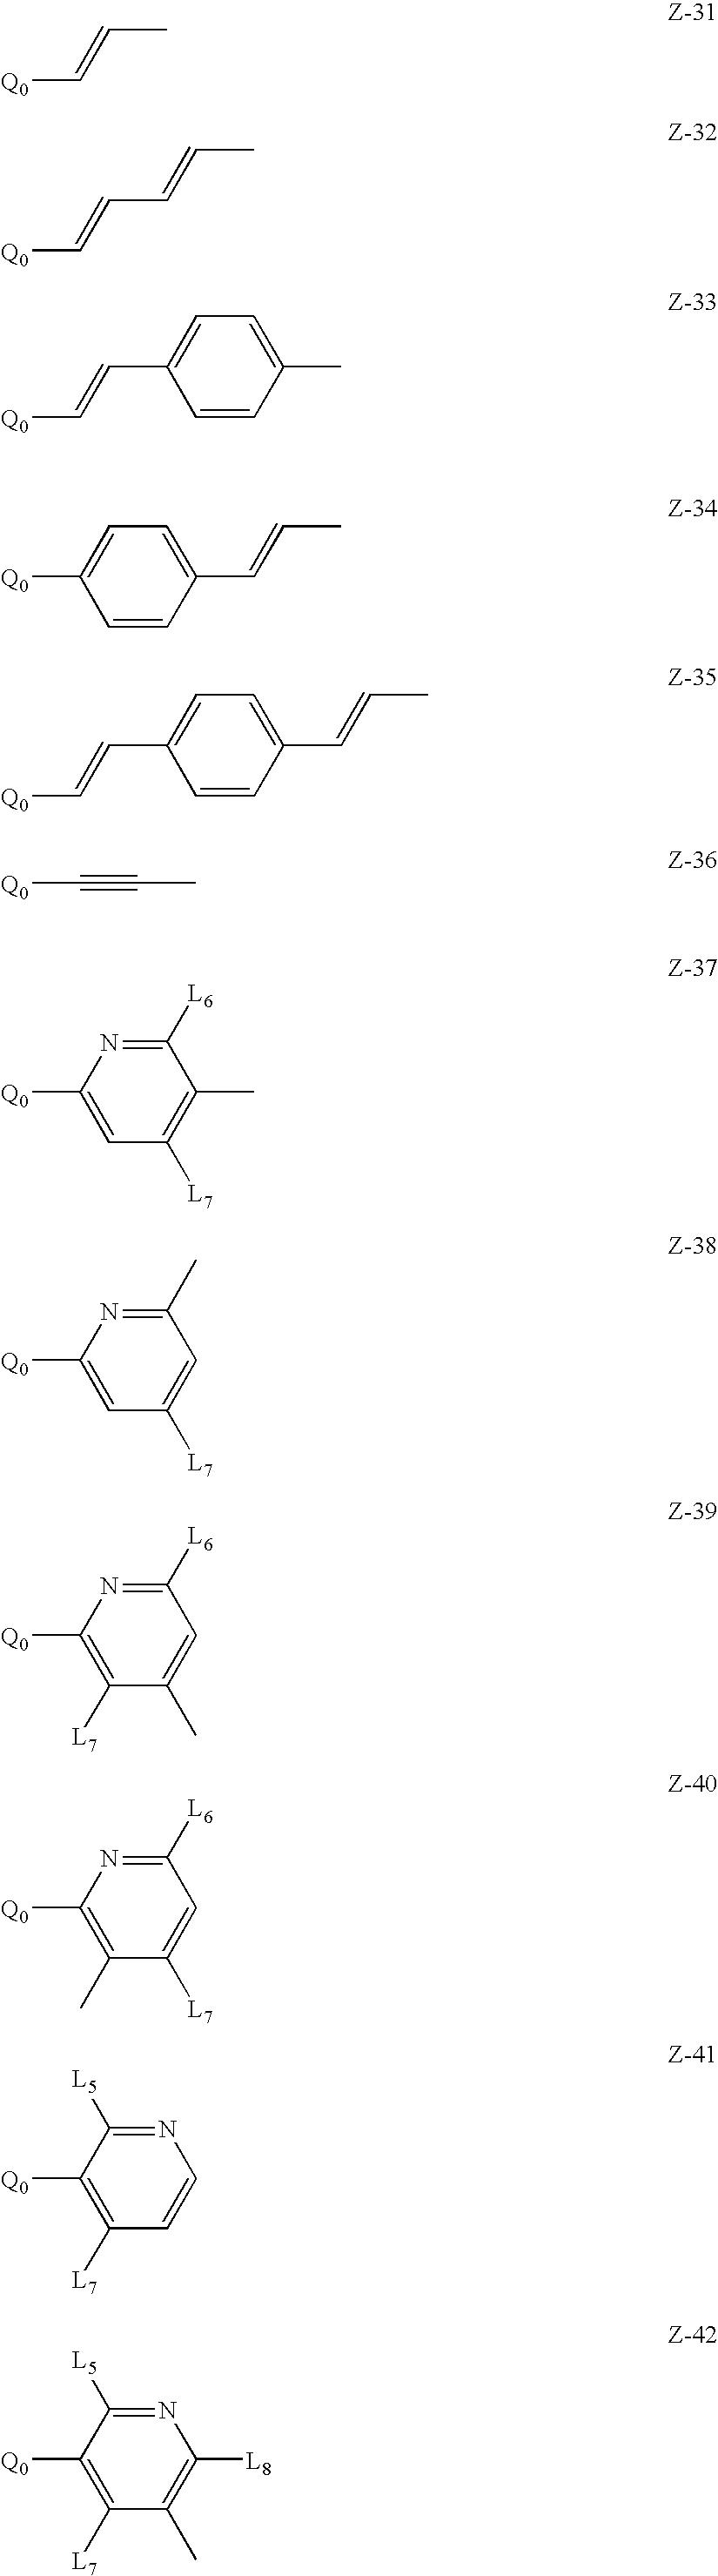 Figure US20060186796A1-20060824-C00010